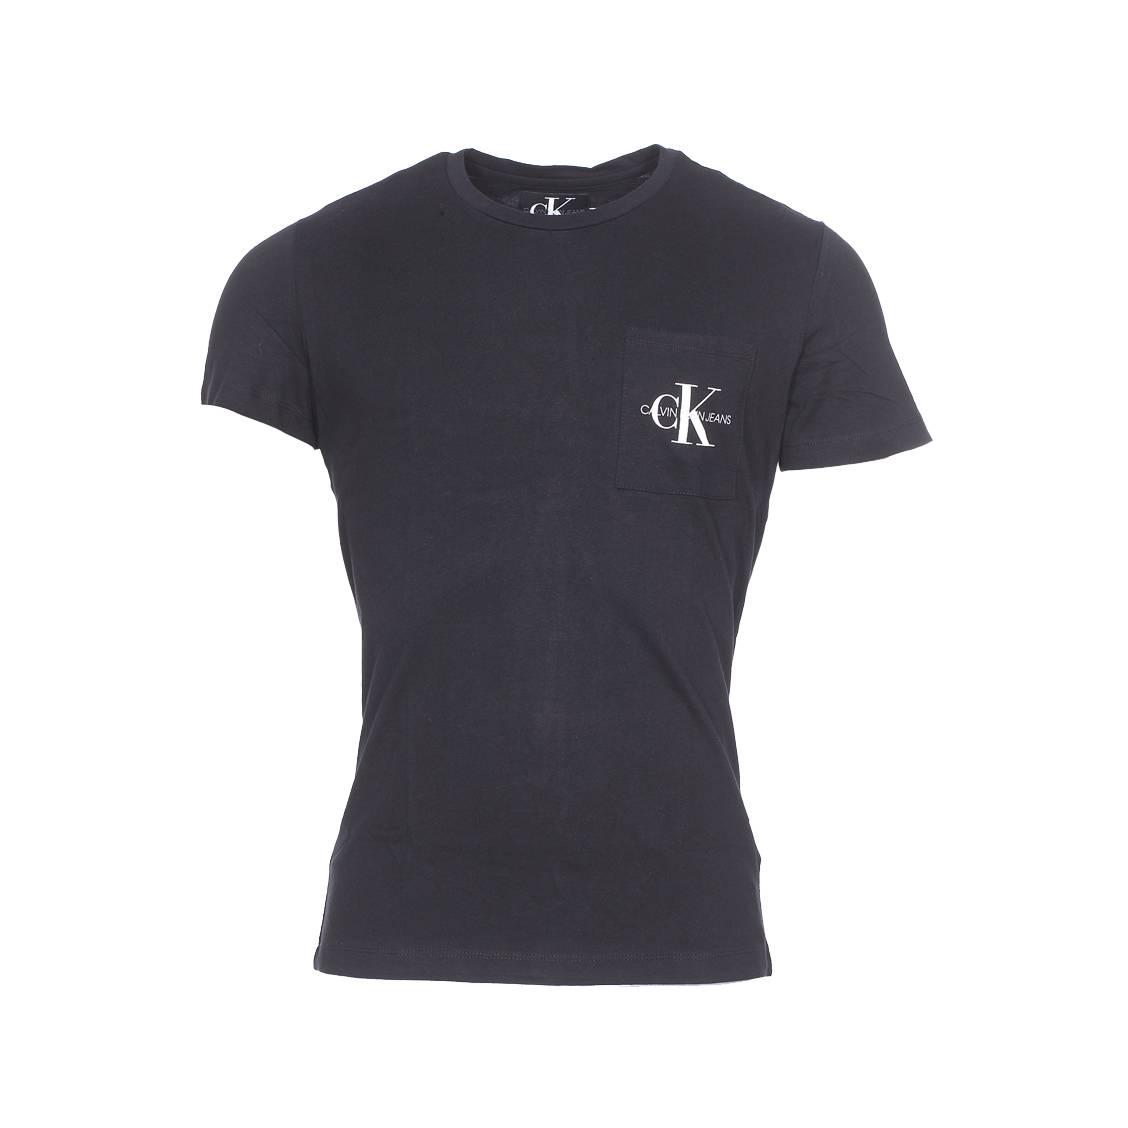 Tee-shirt col rond  monogram pocket slim en coton noir à détail poche floqué